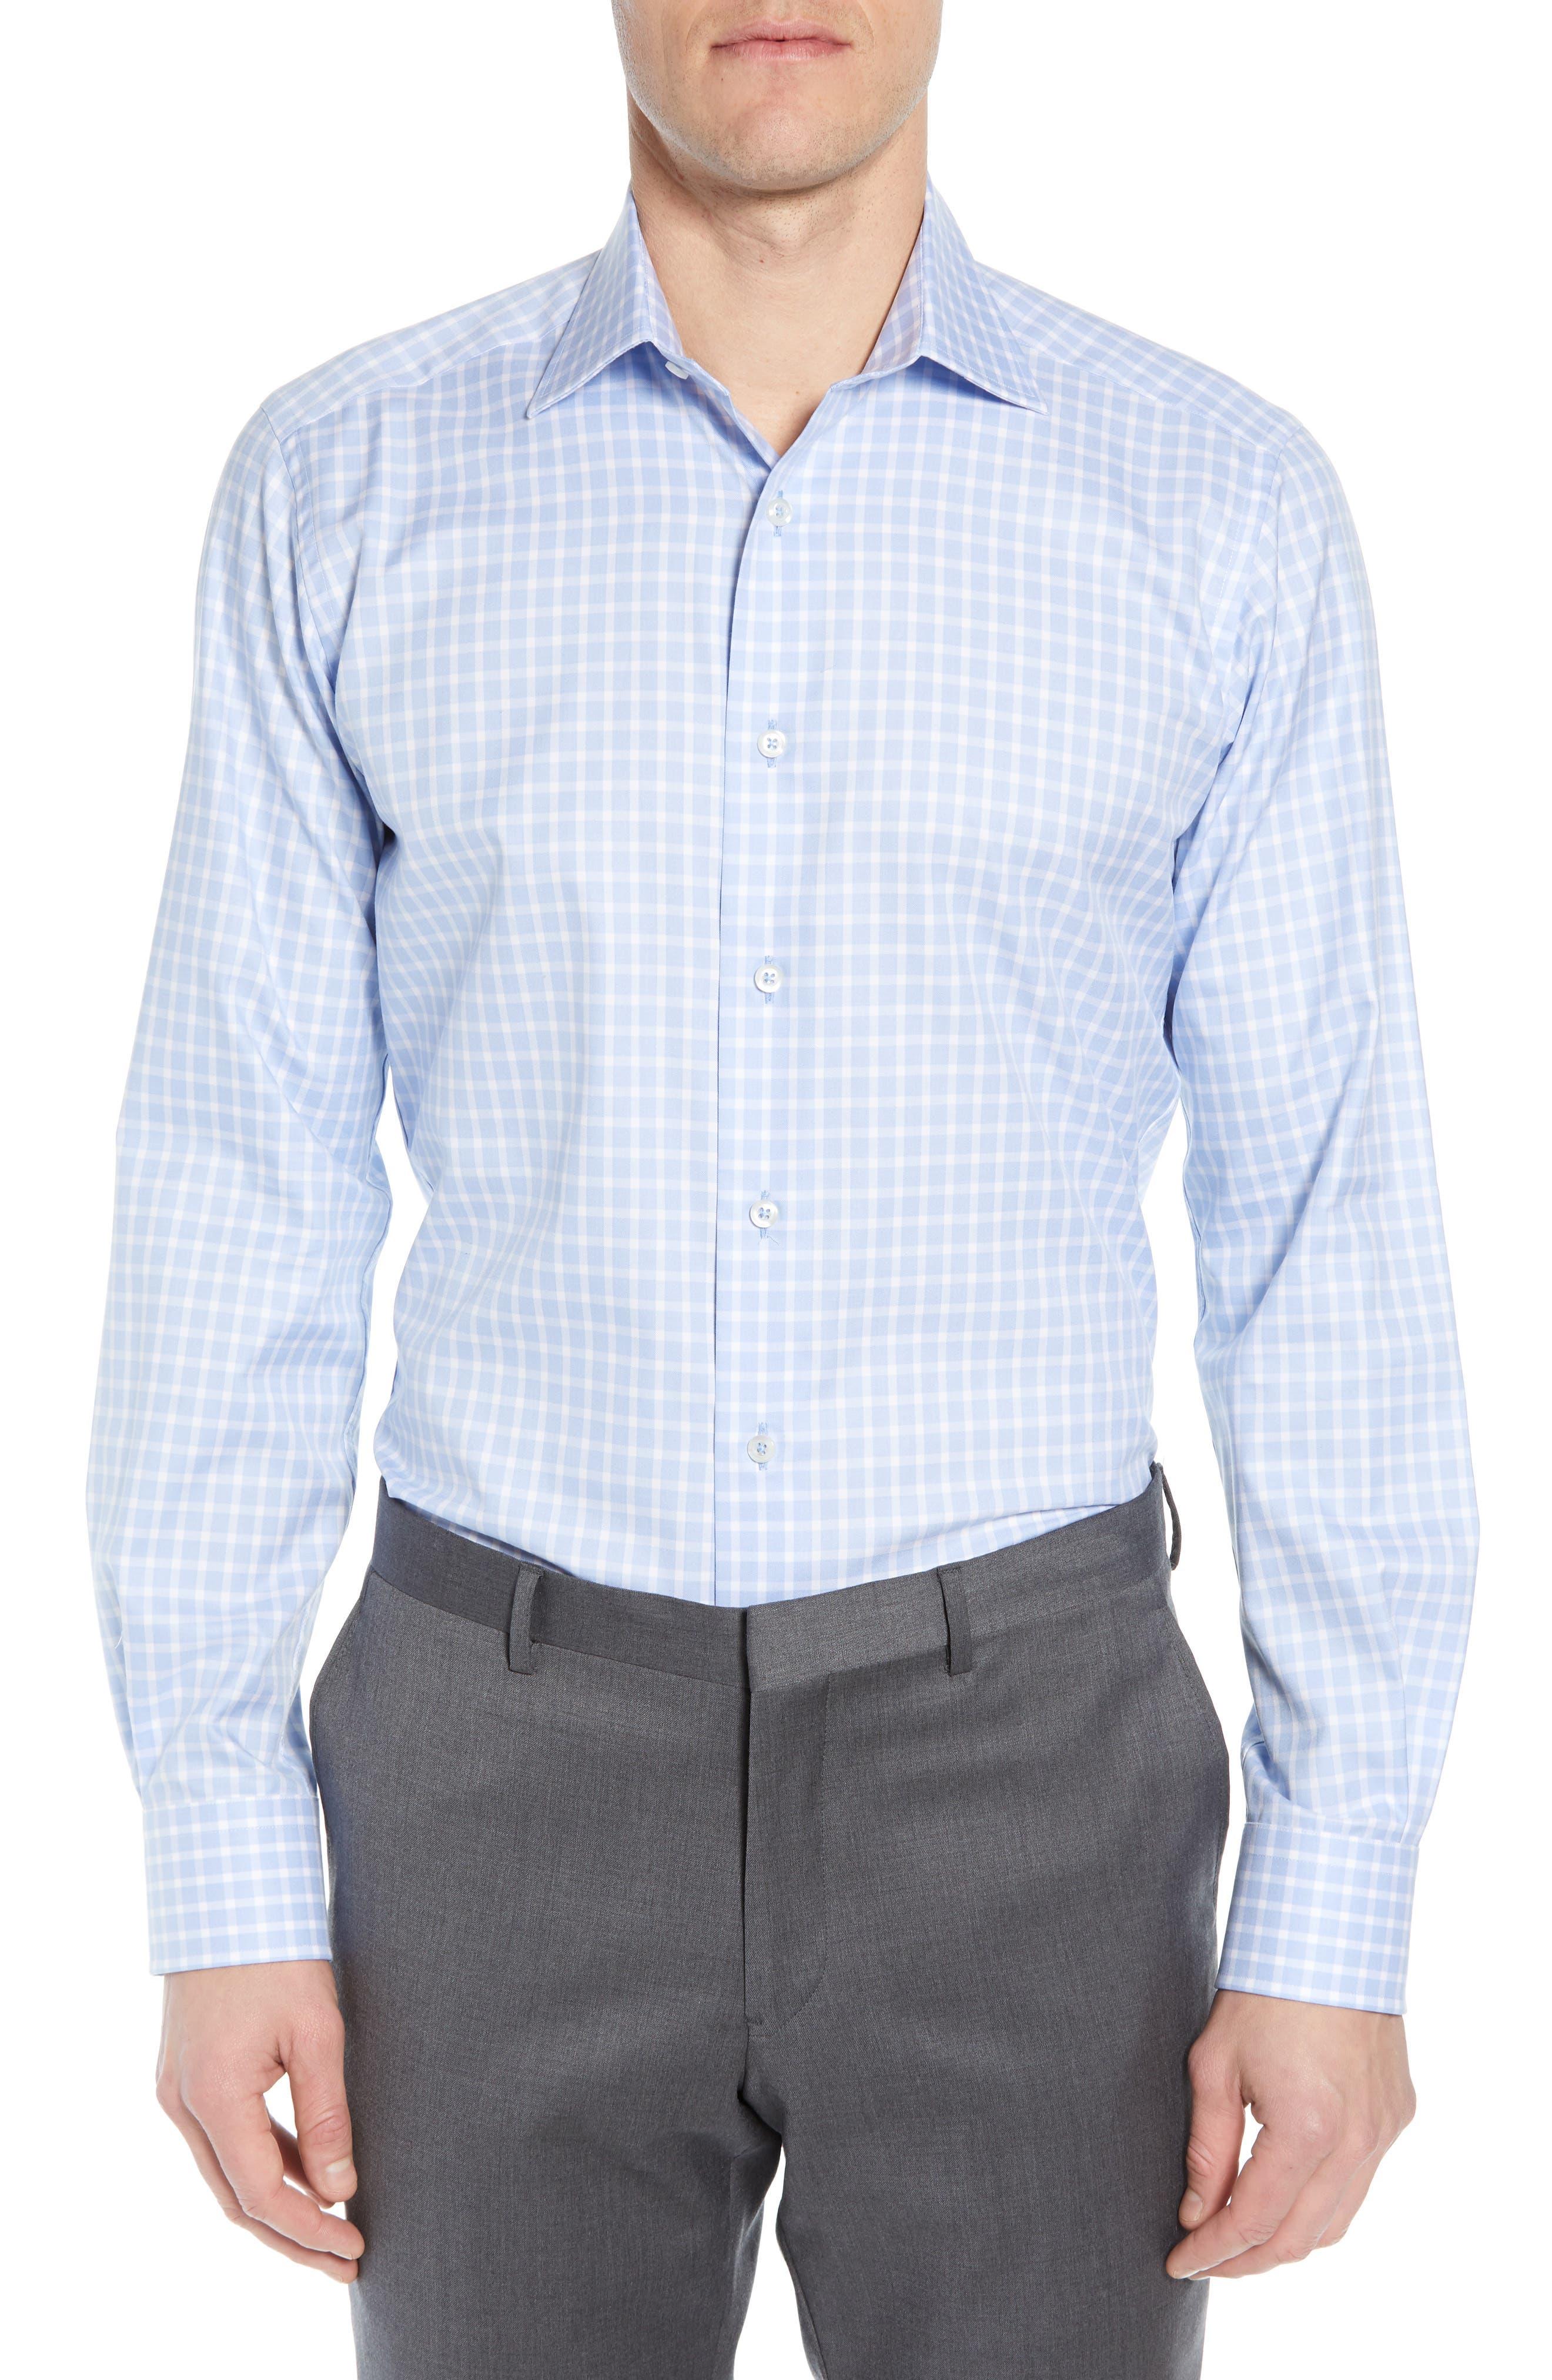 Men'S Trim-Fit Tonal Gingham Dress Shirt in Blue